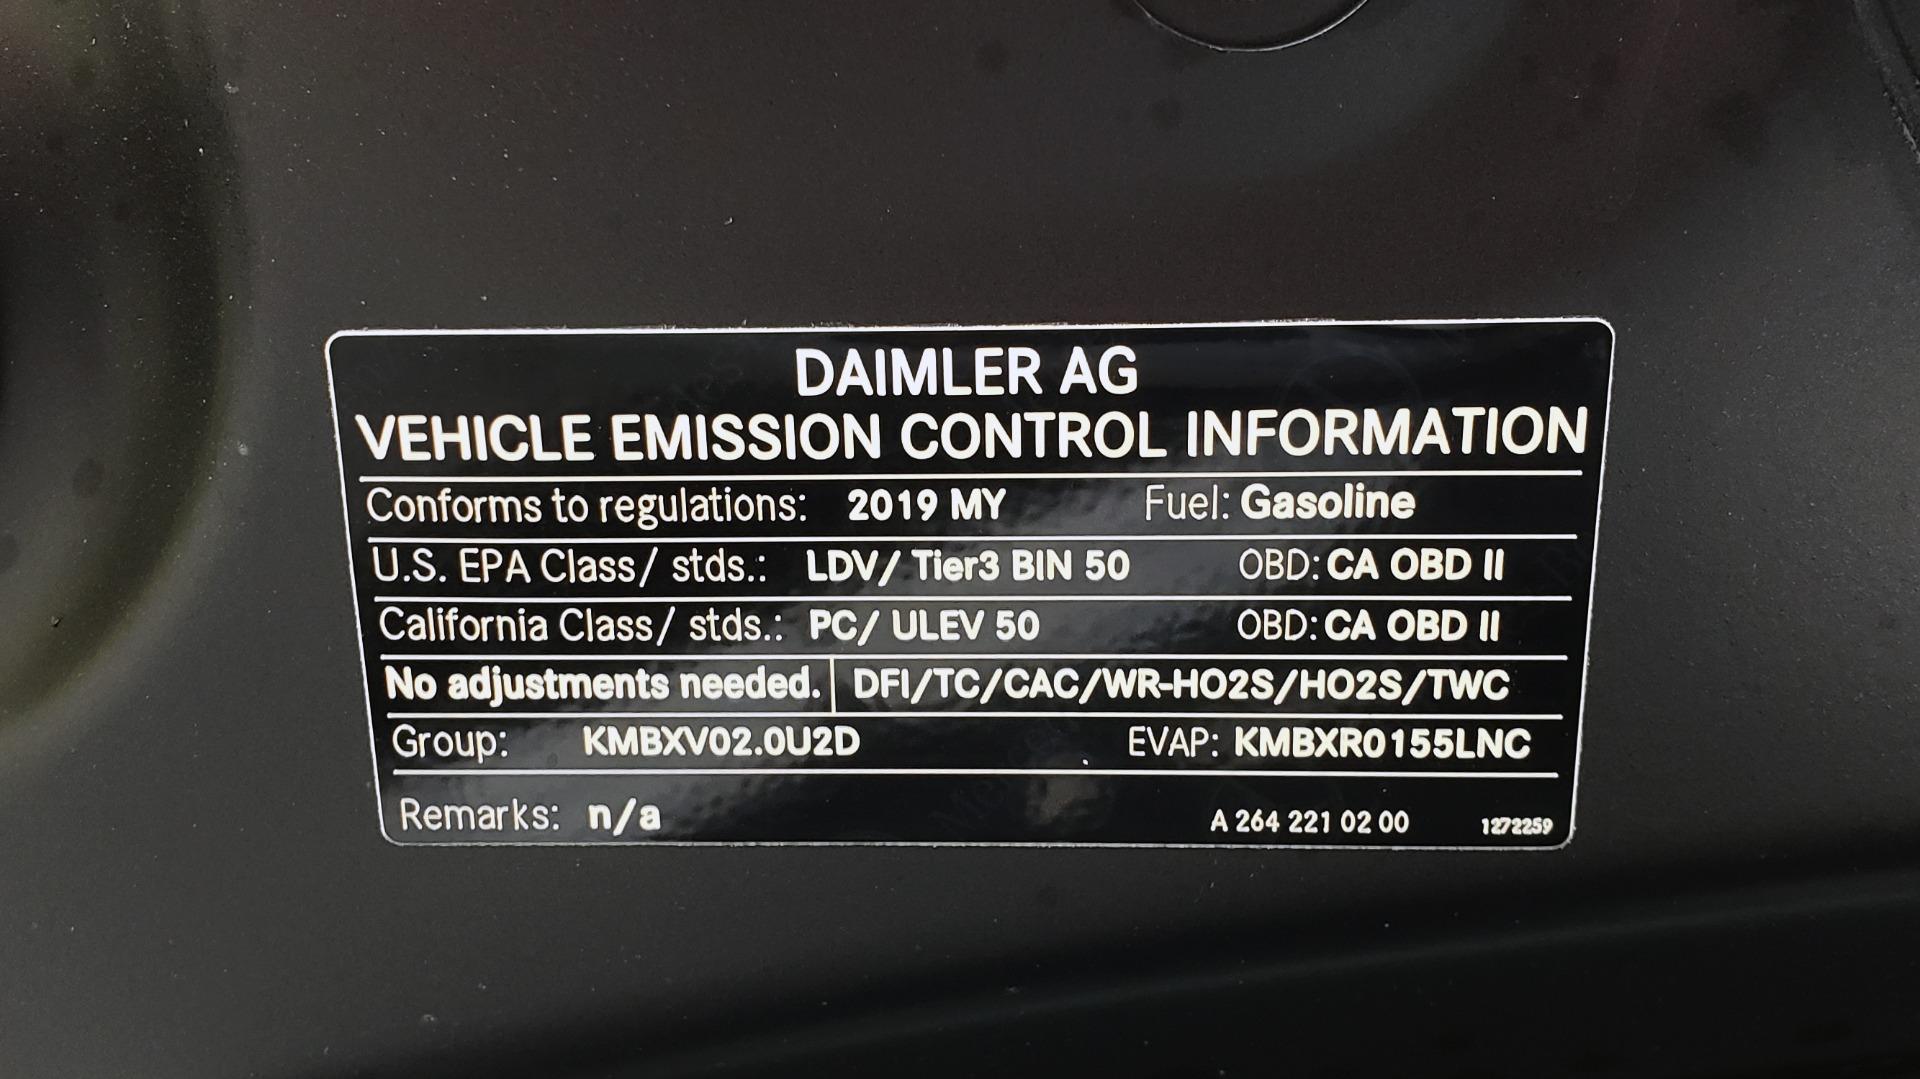 Used 2019 Mercedes-Benz C-CLASS C 300 CABRIOLET / PREM PKG / NAV / BURMESTER / MULTIMEDIA for sale Sold at Formula Imports in Charlotte NC 28227 62